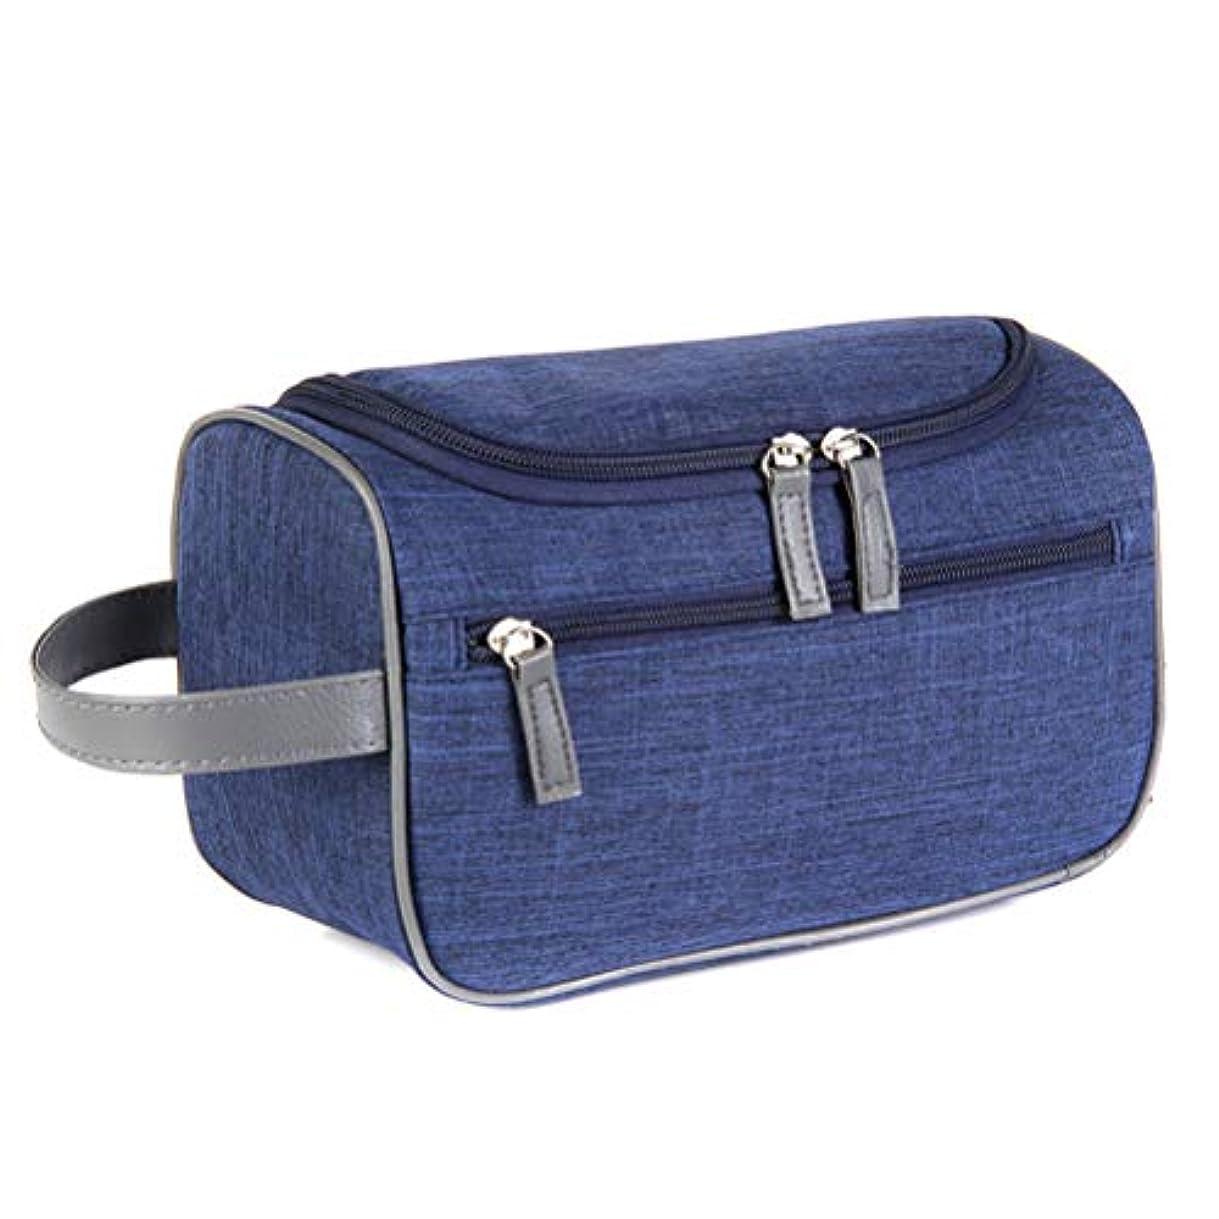 動作プレート更新するBSTOPSEL 男性女性オックスフォード布メイクアップバッグ大防水旅行化粧品バッグオーガナイザーケースメイクアップウォッシュトイレタリーバッグ